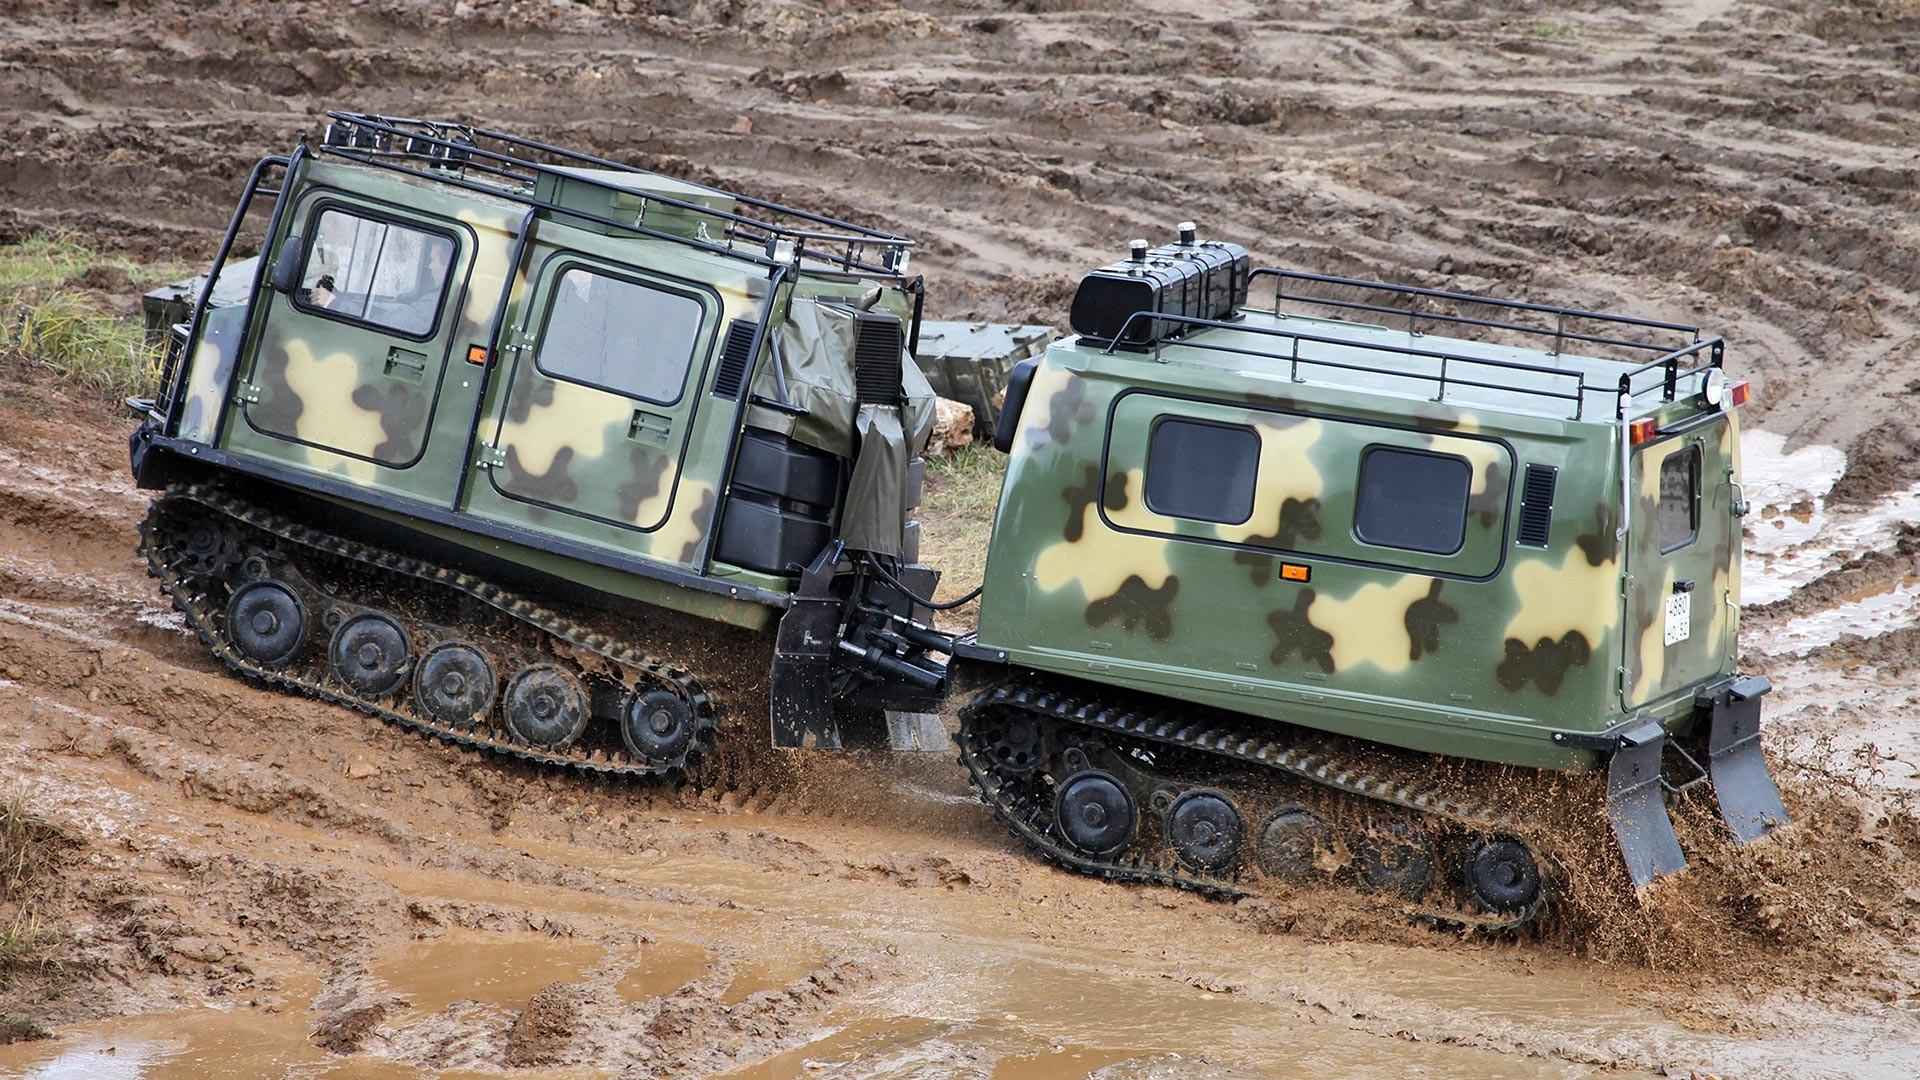 Gusjenično terensko vozilo GAZ-3351